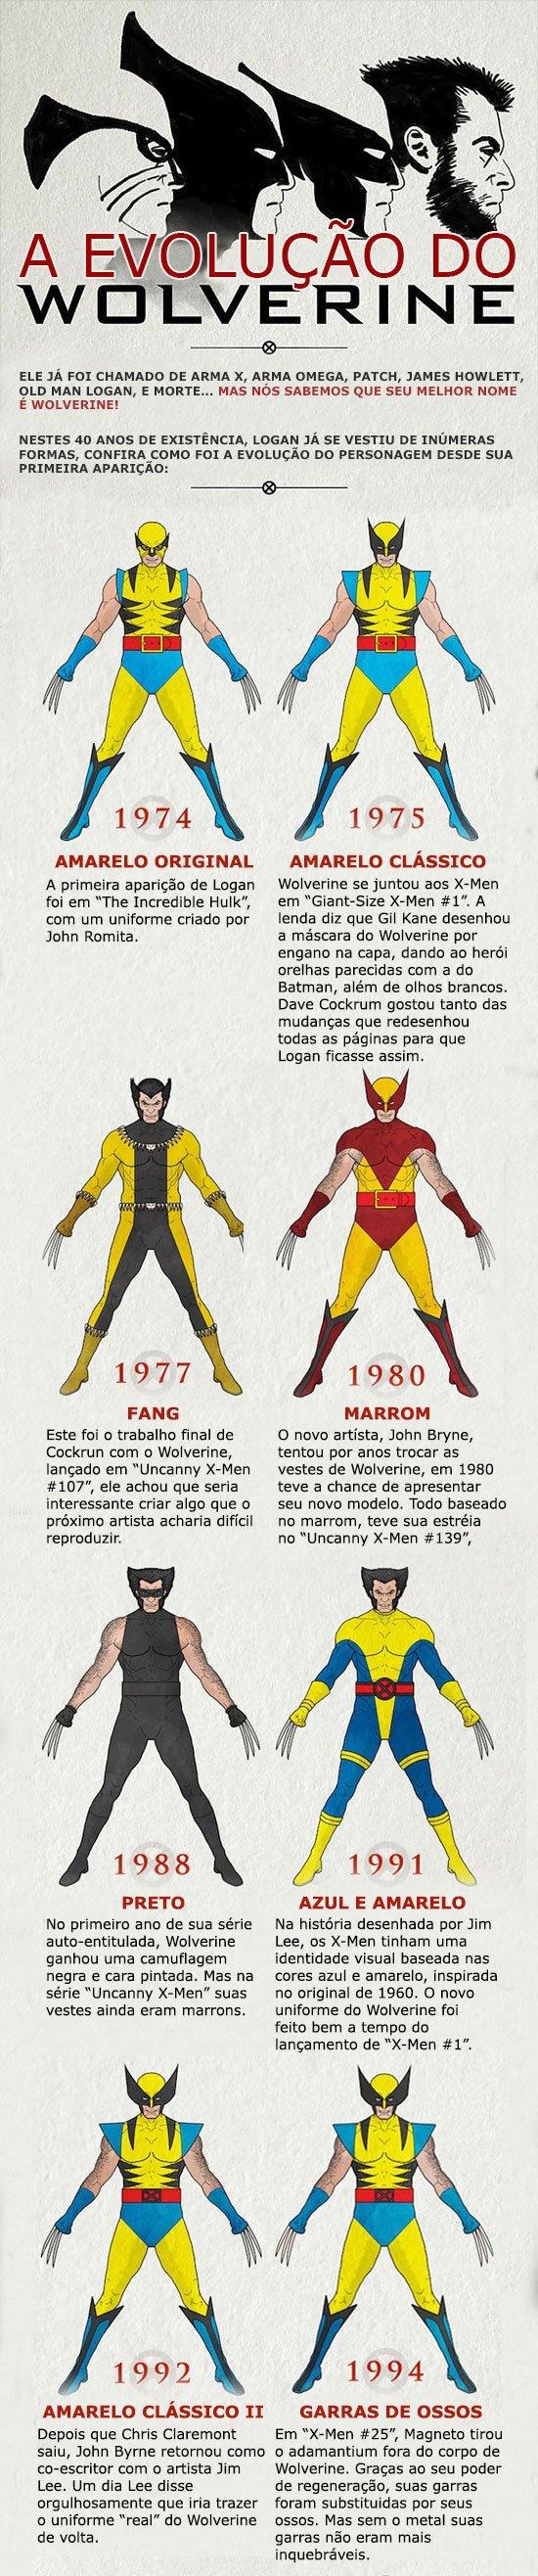 A evolução do Wolverine (1)